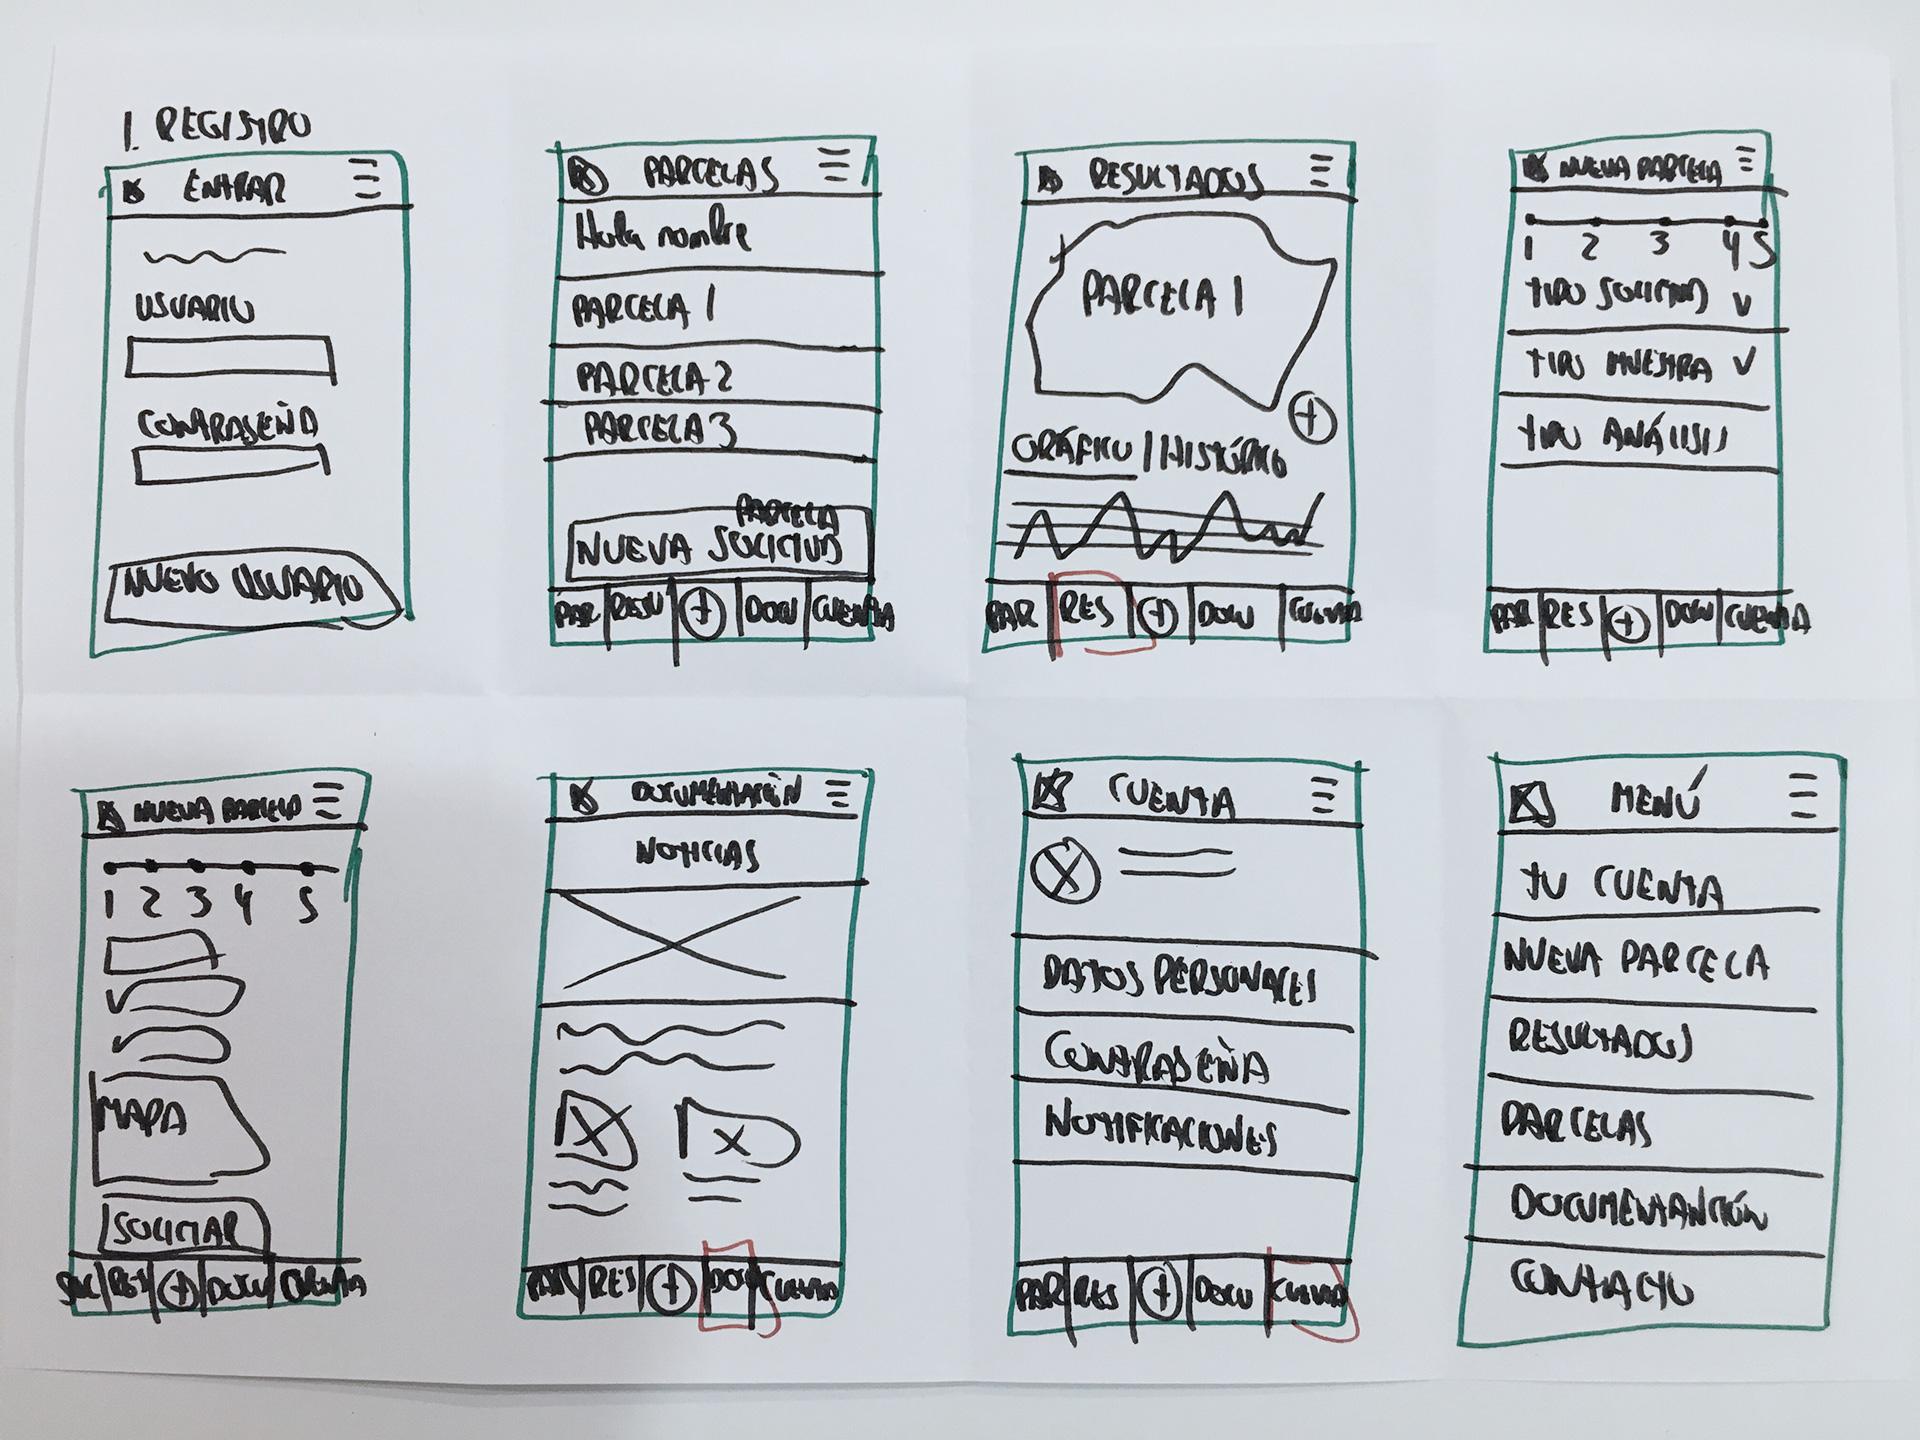 Ejercicio Crazy 8's! para idear posibles soluciones a los problemas encontrados de la investigación y diseño UX de VegAlert